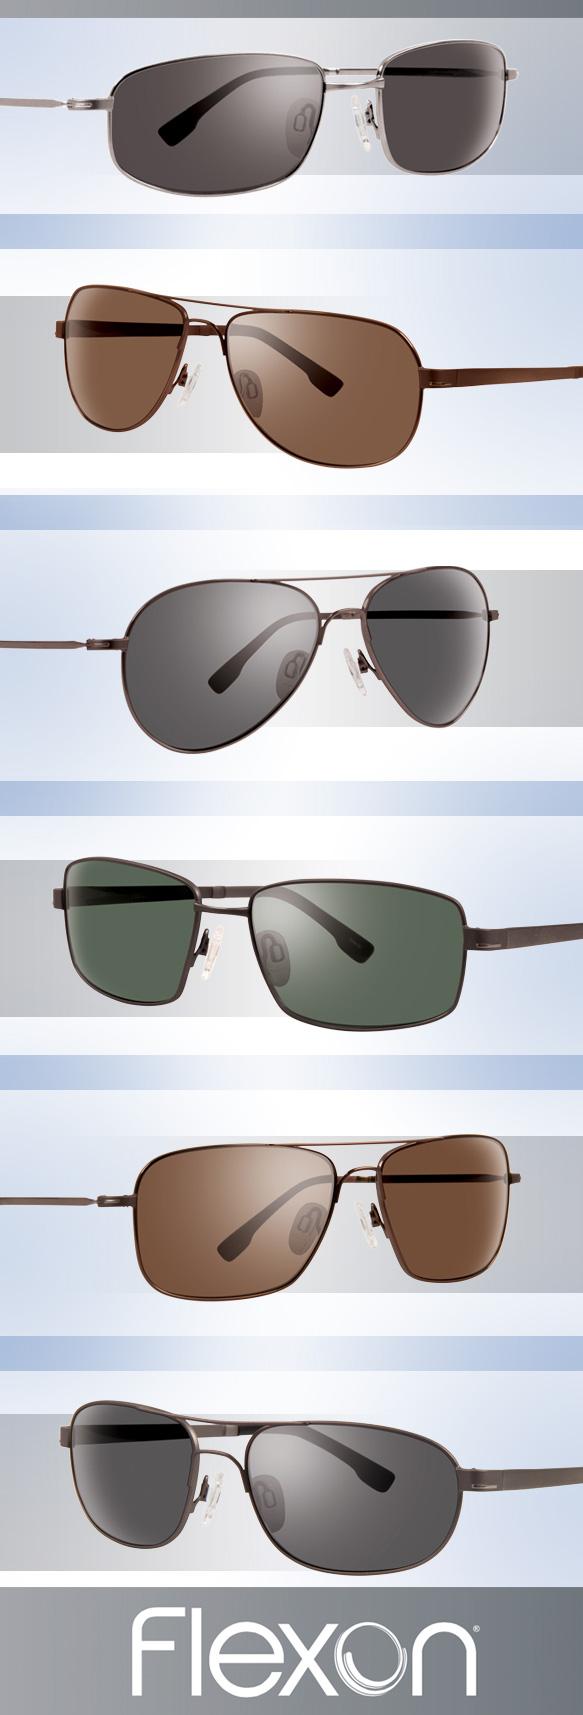 Flexon_sunglasses